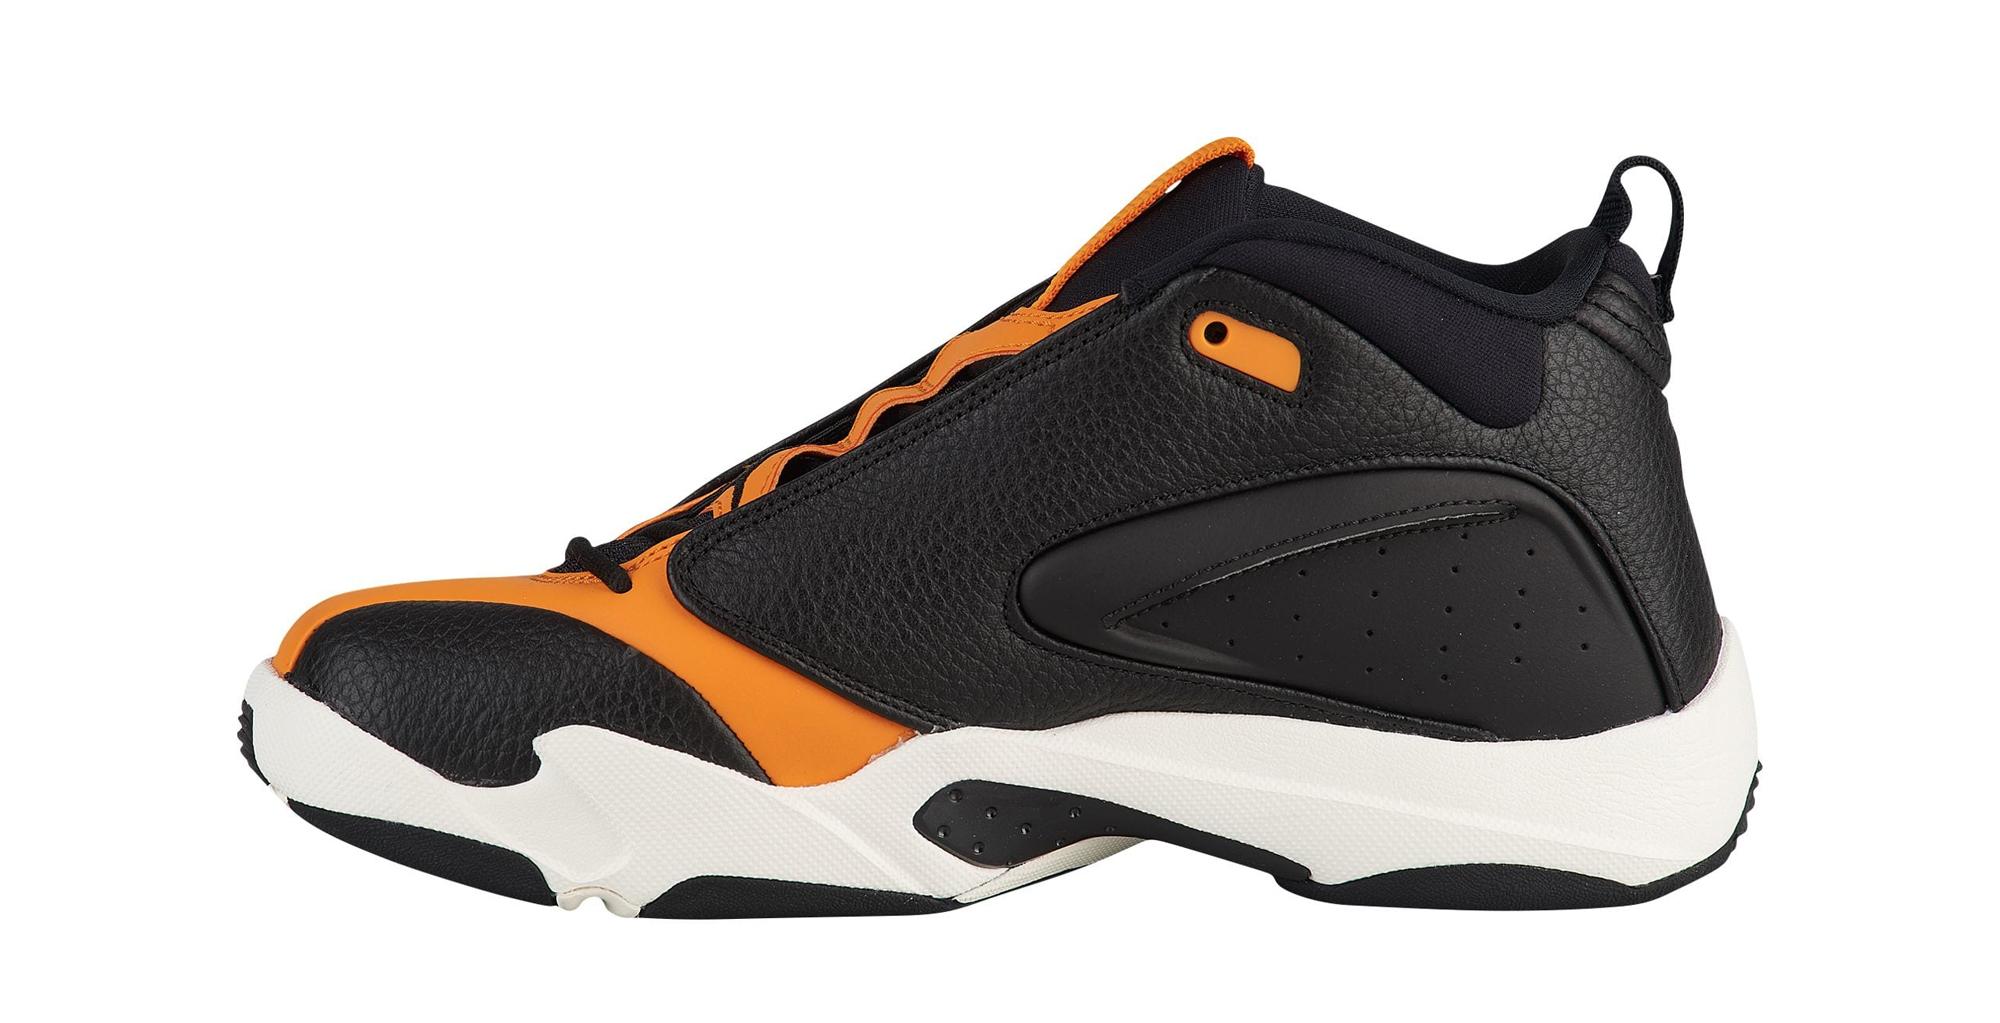 b0d3fe886392 Jordan-Jumpman-Quick-6-Retro-Quick-23-New-Colorways-2 - WearTesters